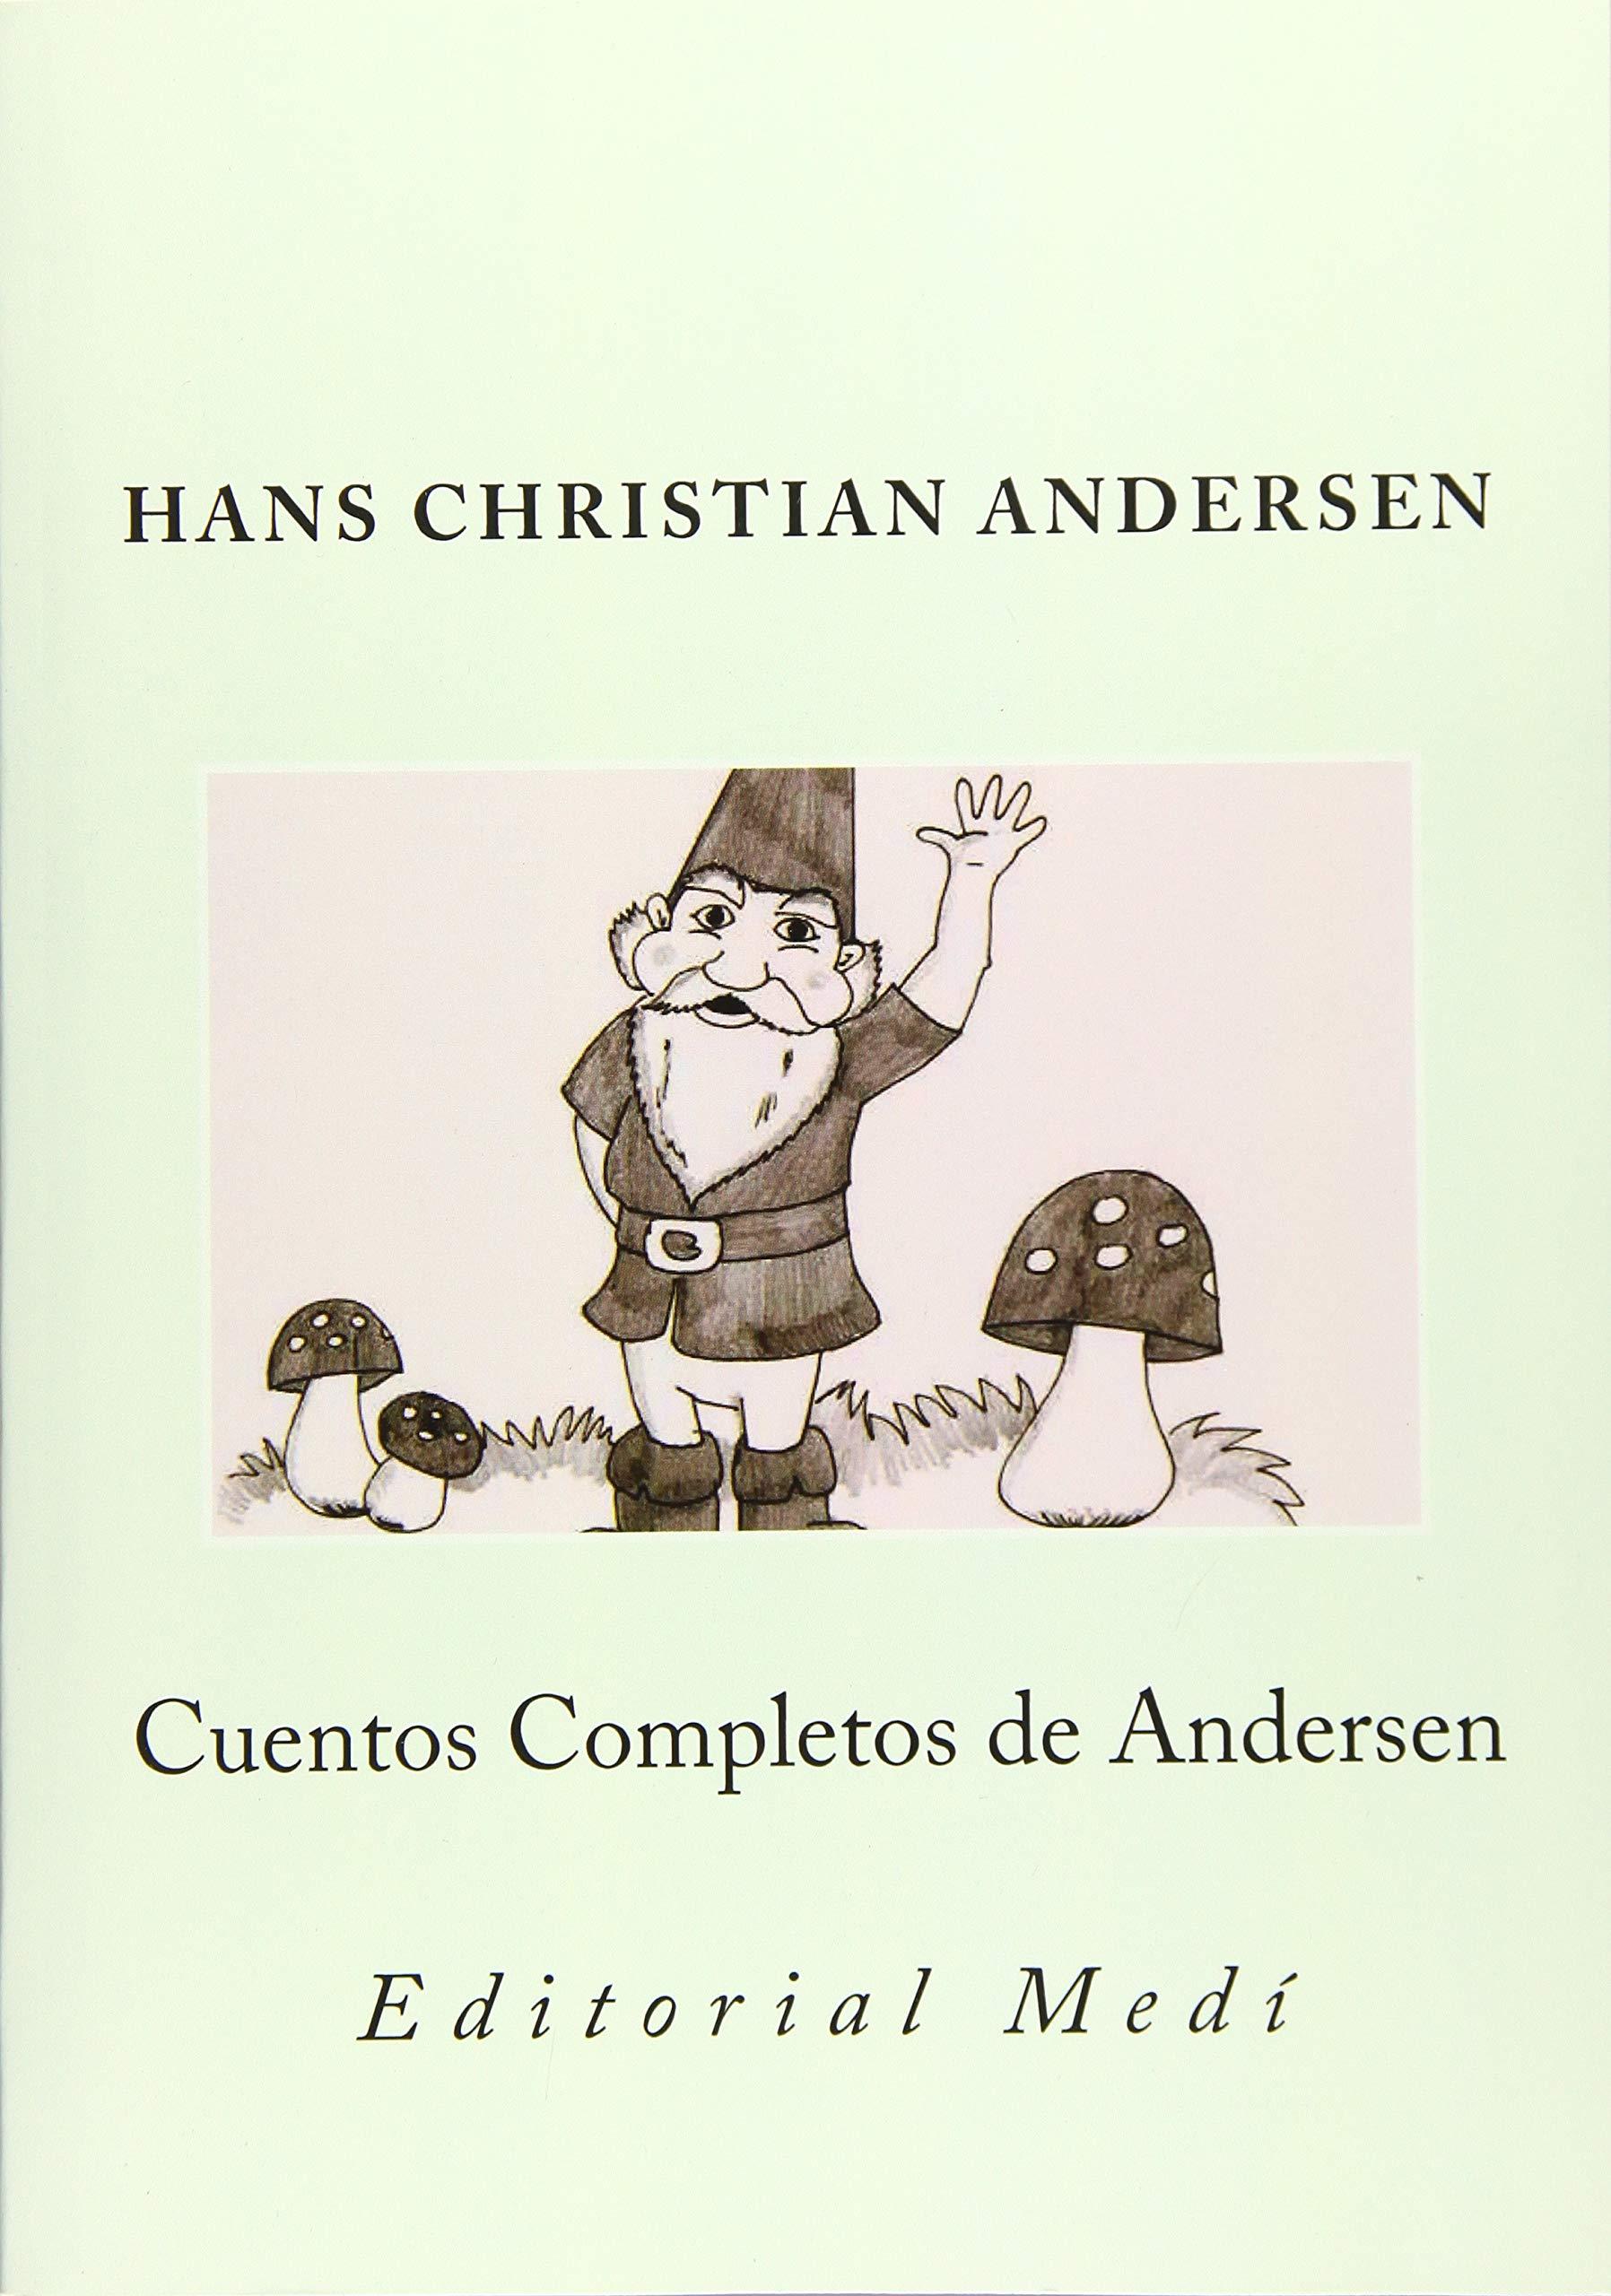 Amazon.com: Cuentos Completos de Andersen (Spanish Edition ...